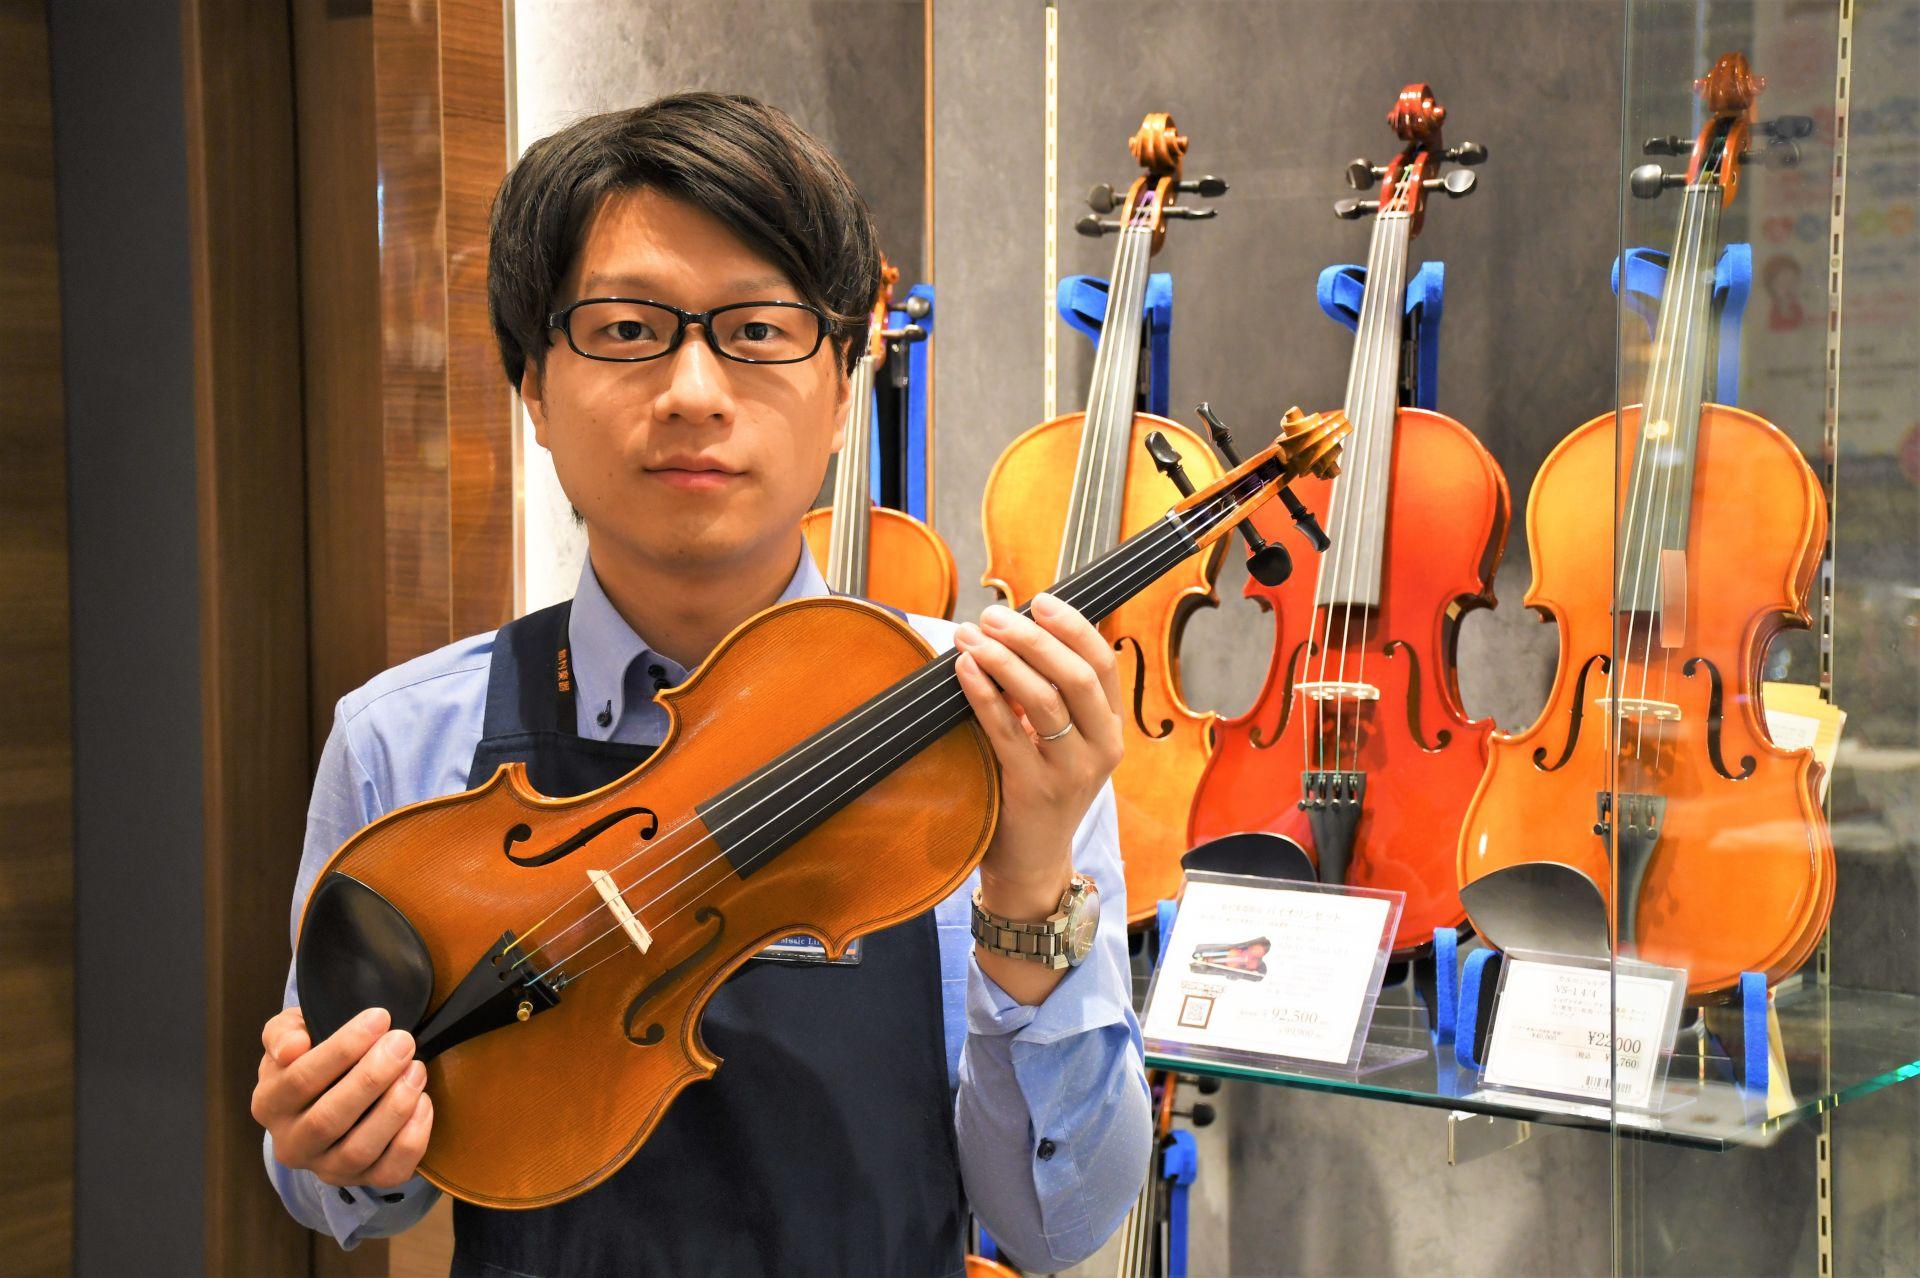 島村楽器 アウトレット広島店 弦楽器担当 バイオリン ヴァイオリン 大下